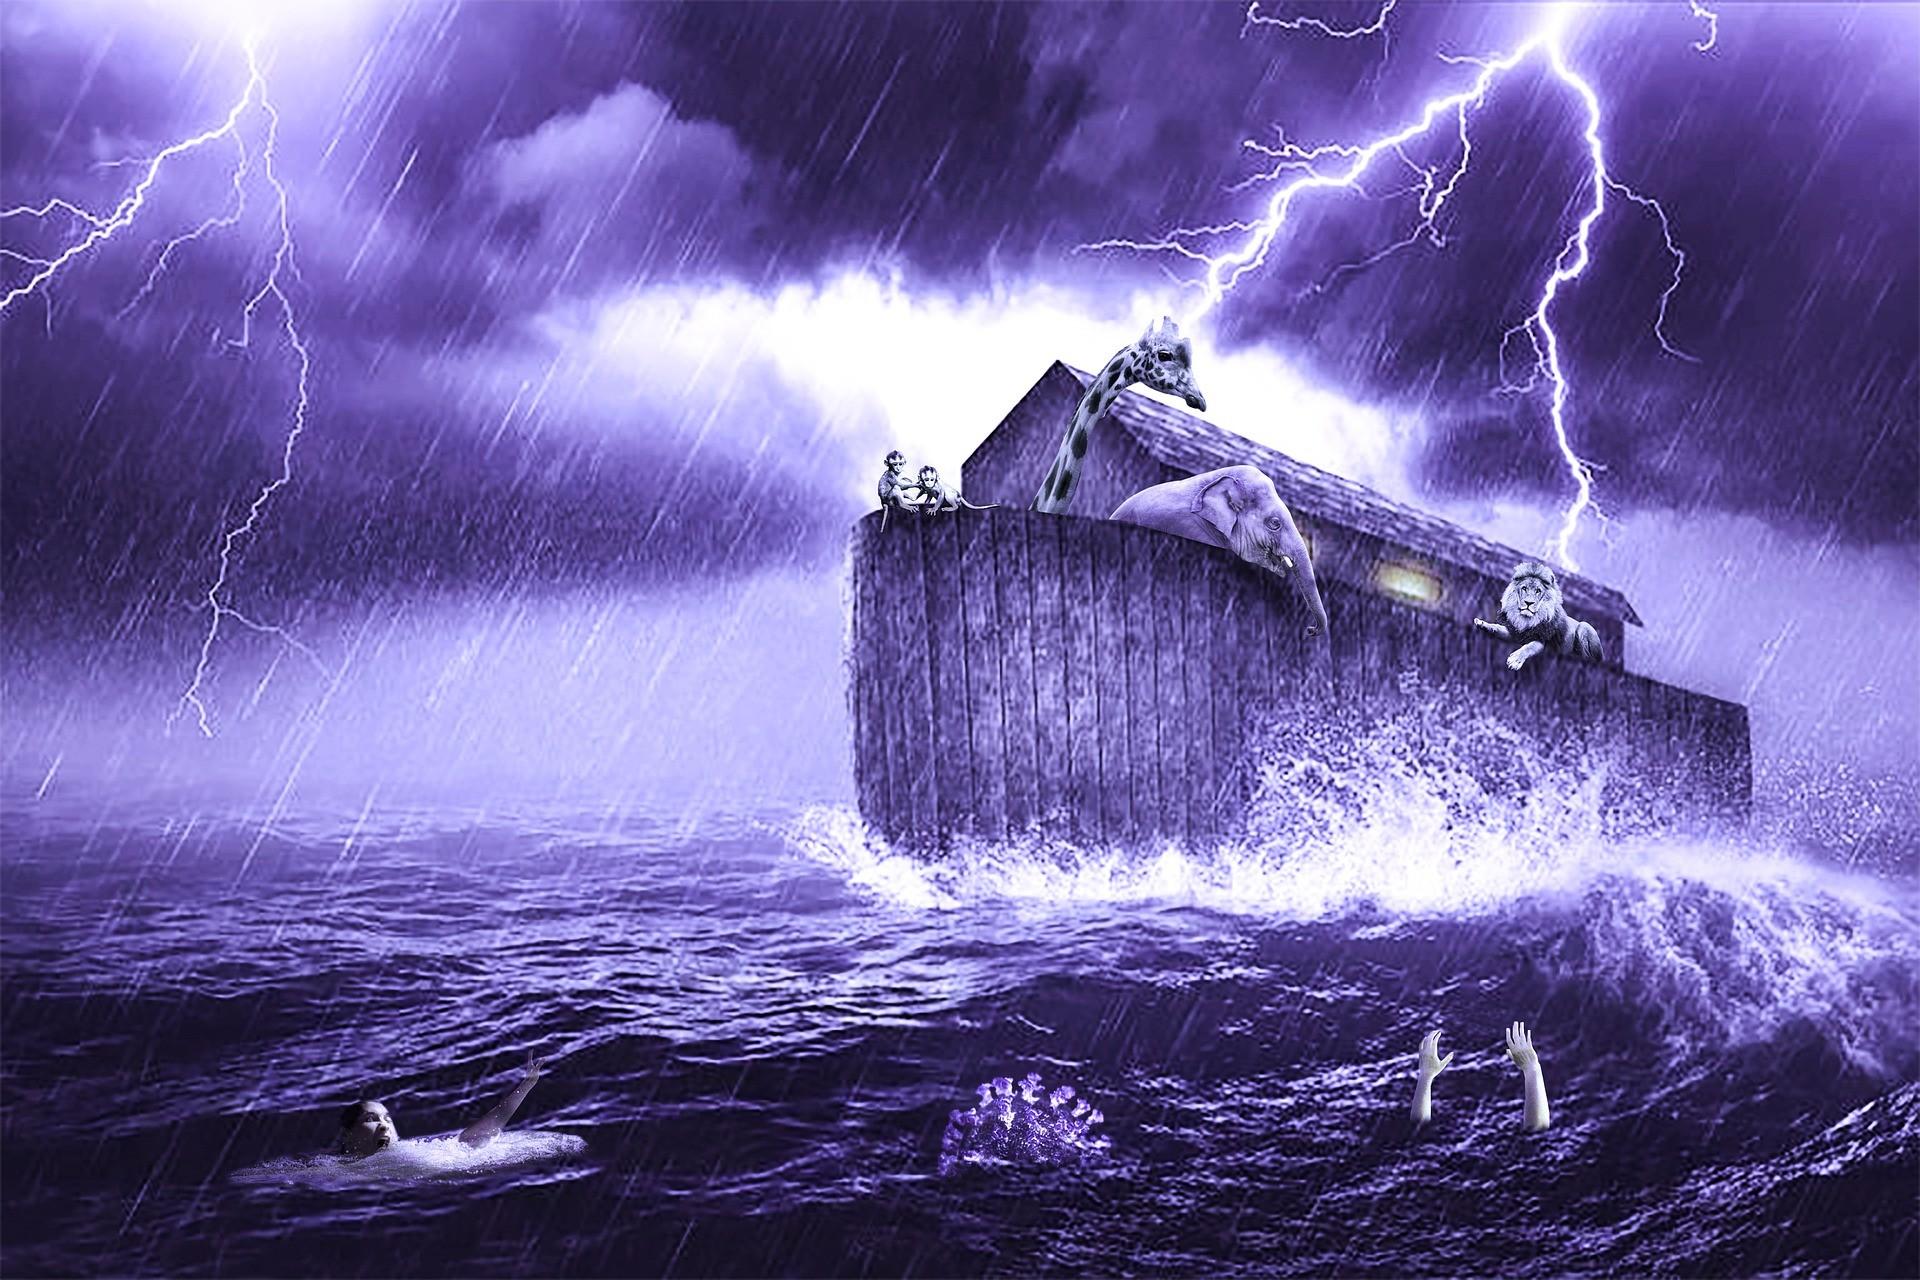 תיבת נוח בסערה. צילום פיקסביי. PIXABAY